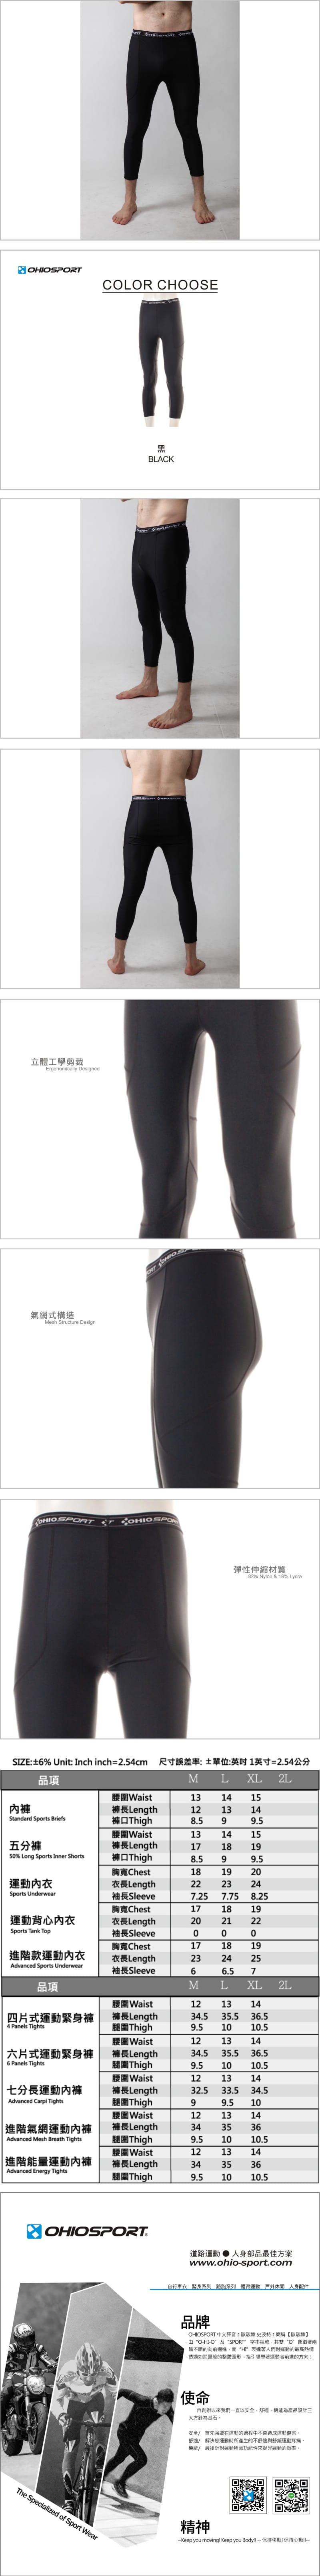 【路達自行車衣館】進階七分運動壓縮褲 》★黑色 5760300 1